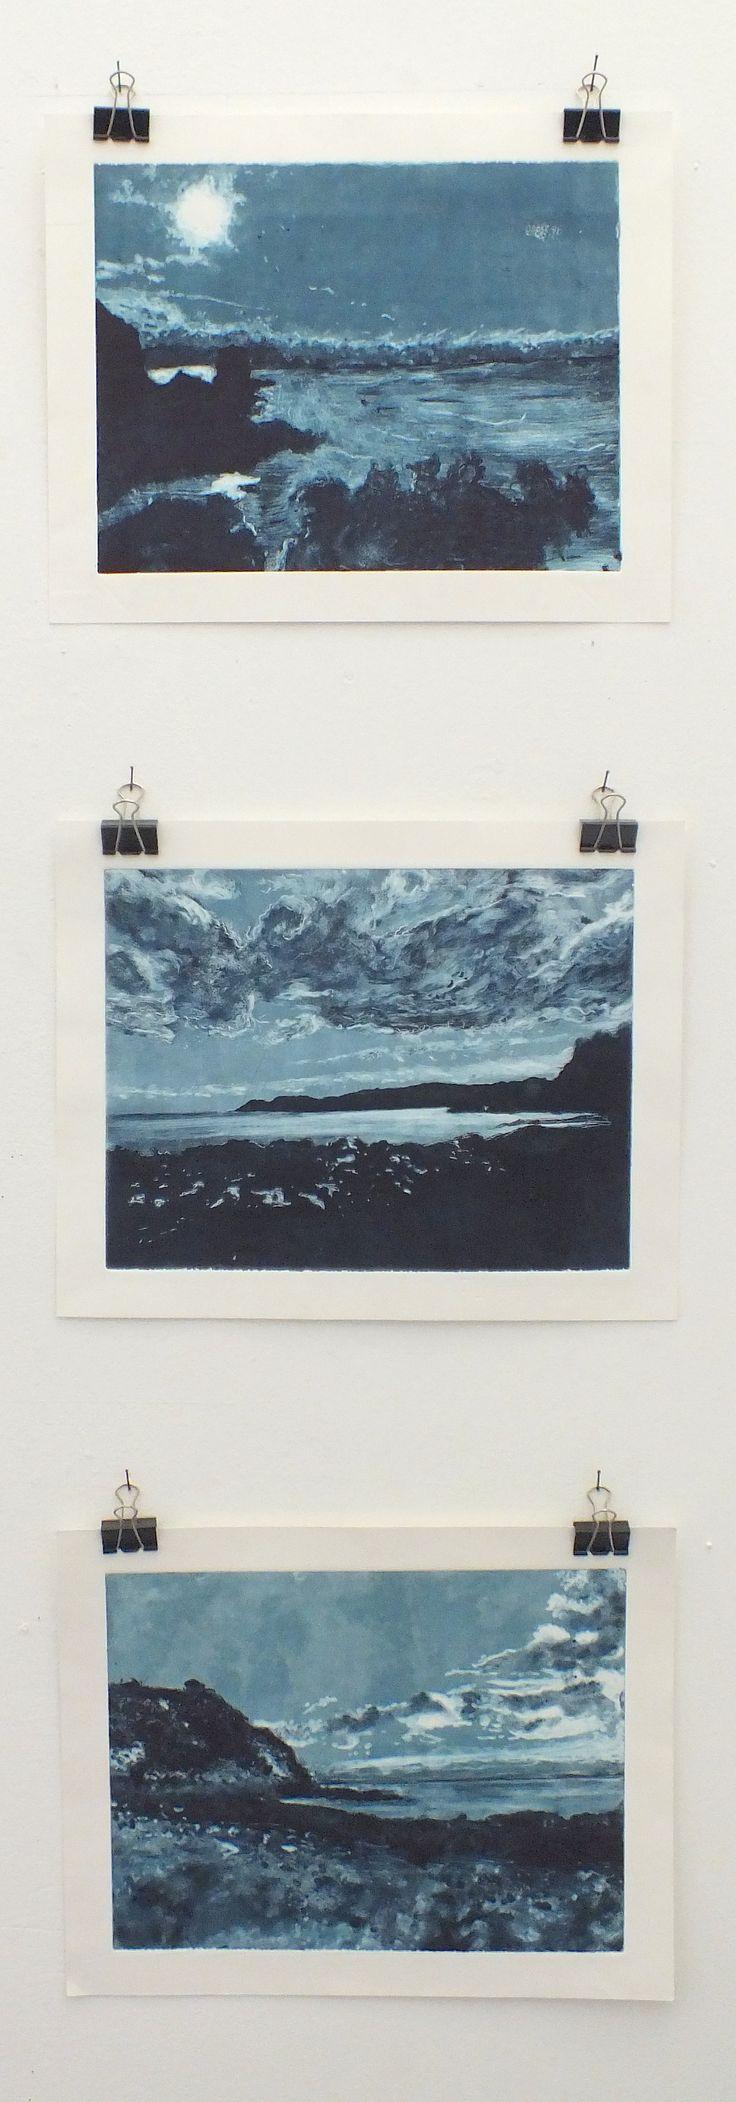 Mae - Monotype x 3 - Truro College A Level Fine Art - Coursework Show 2017